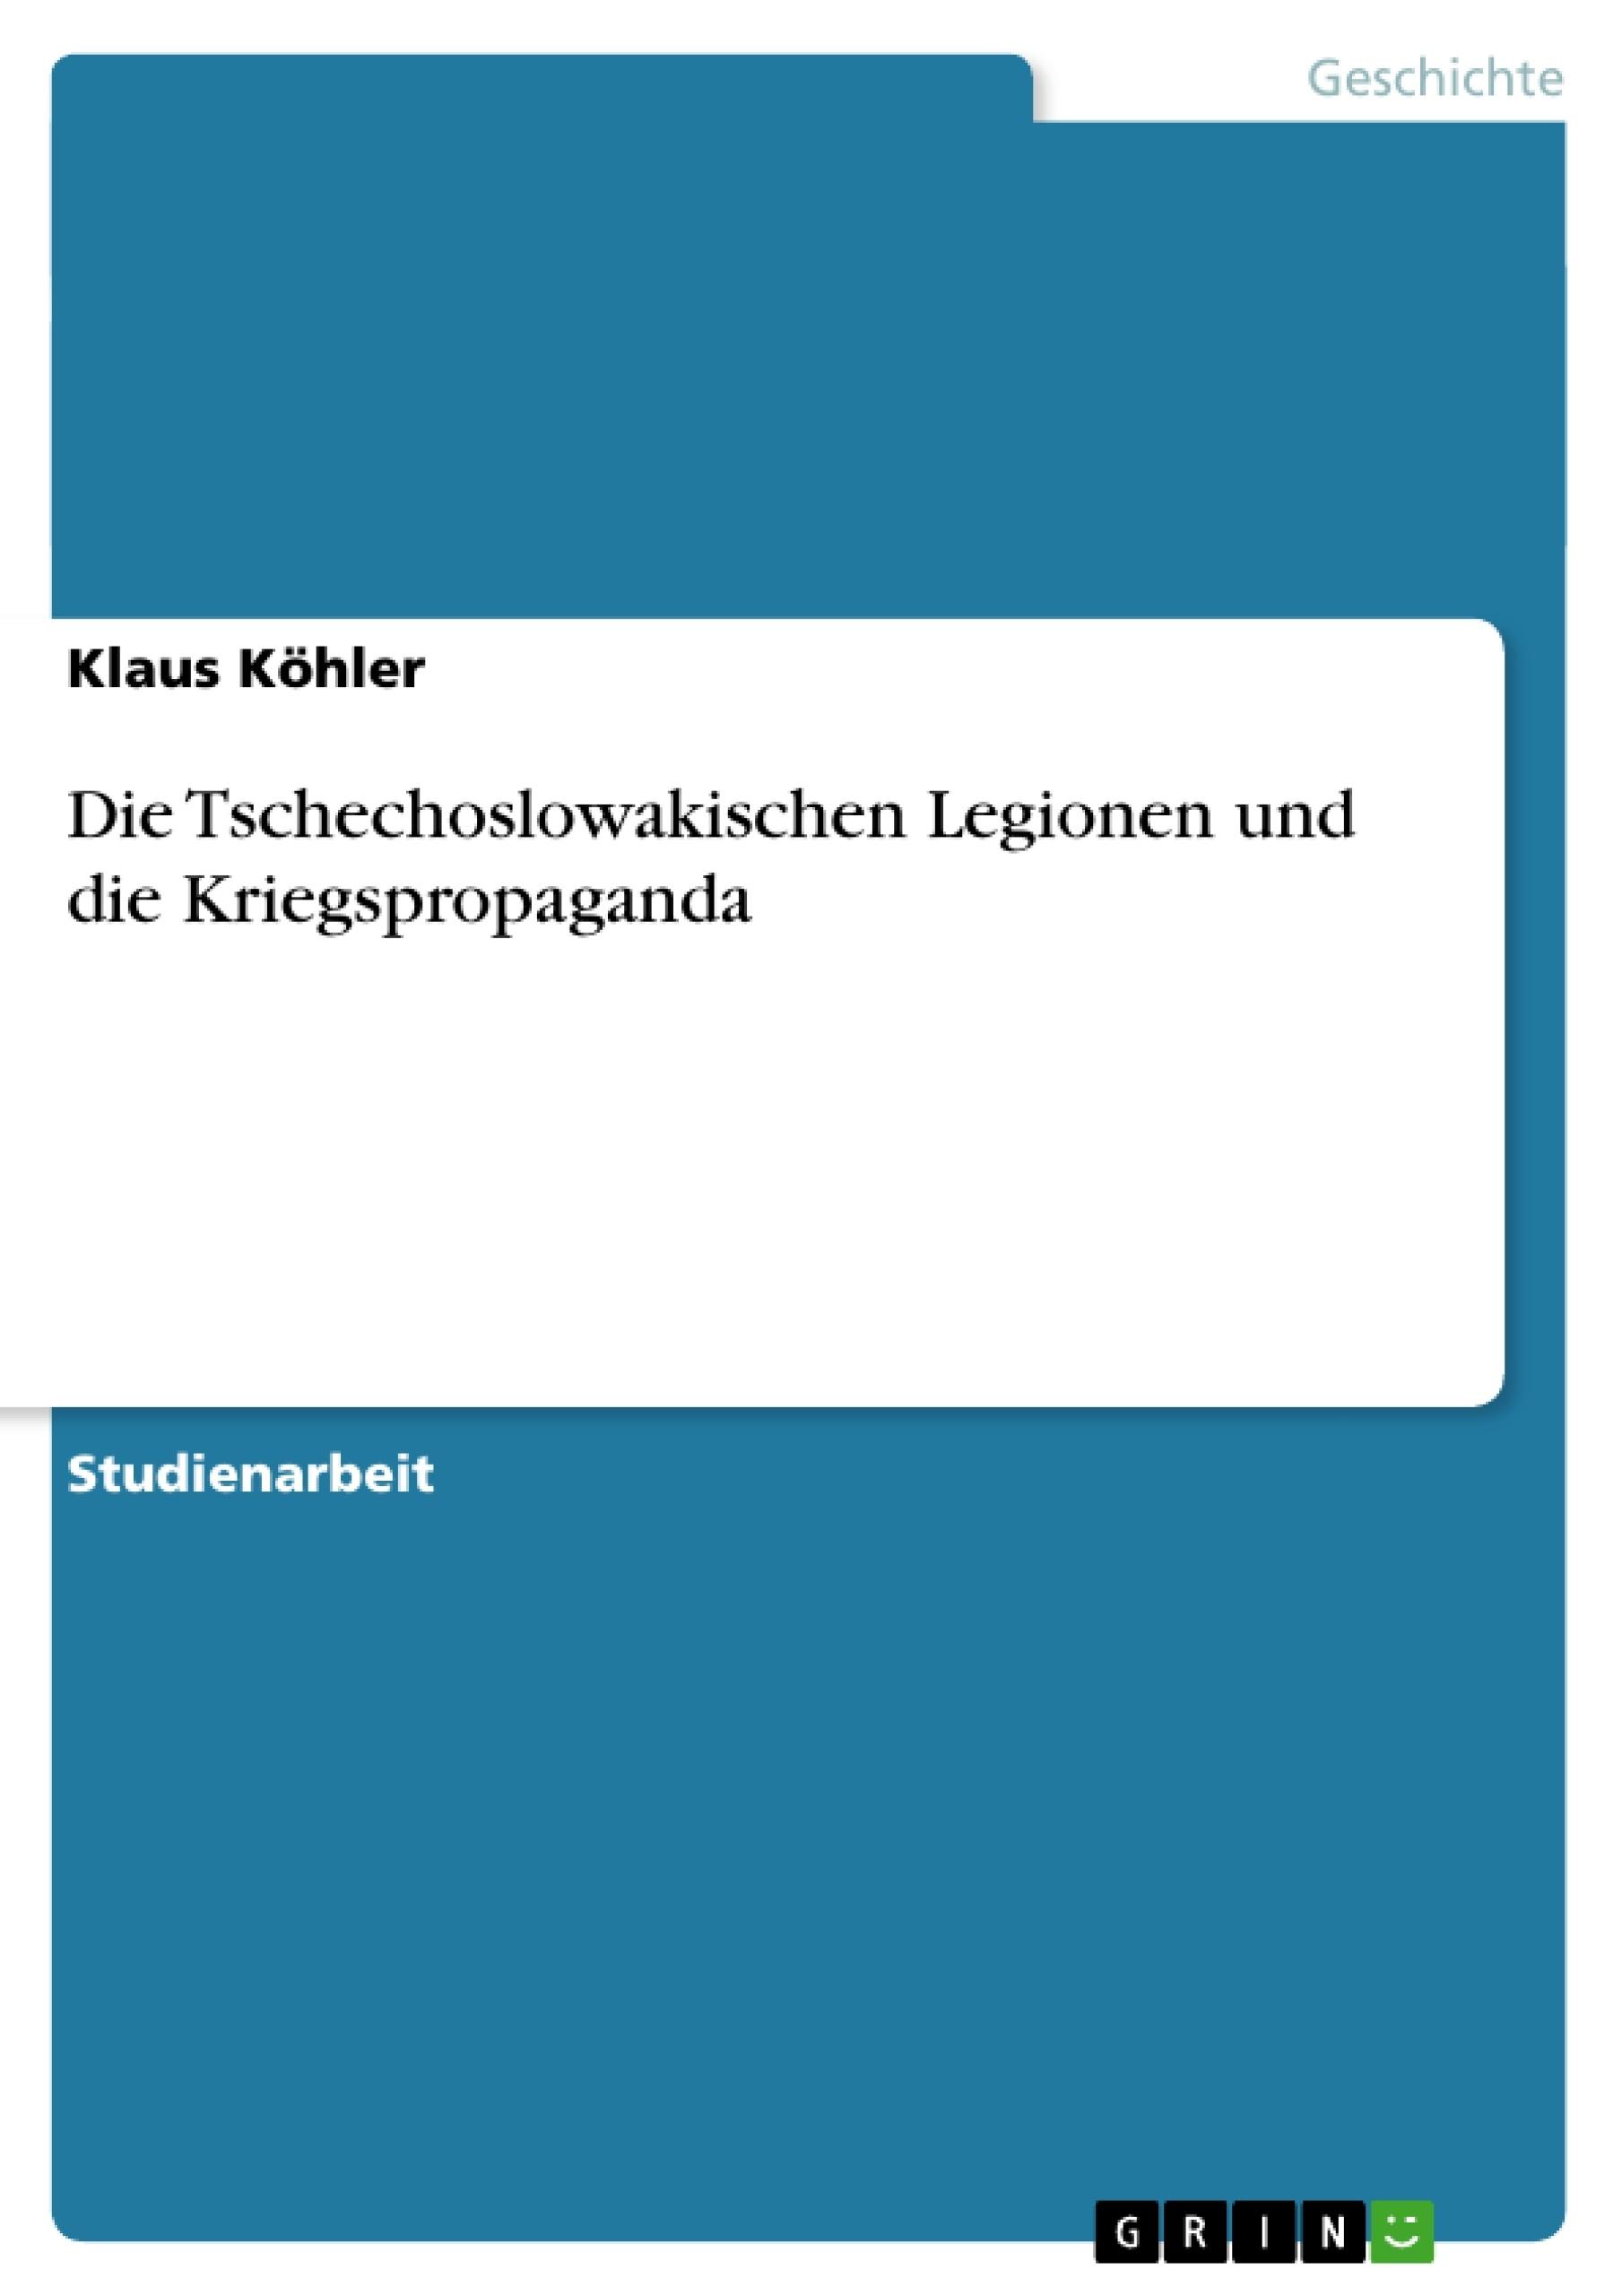 Titel: Die Tschechoslowakischen Legionen und die Kriegspropaganda